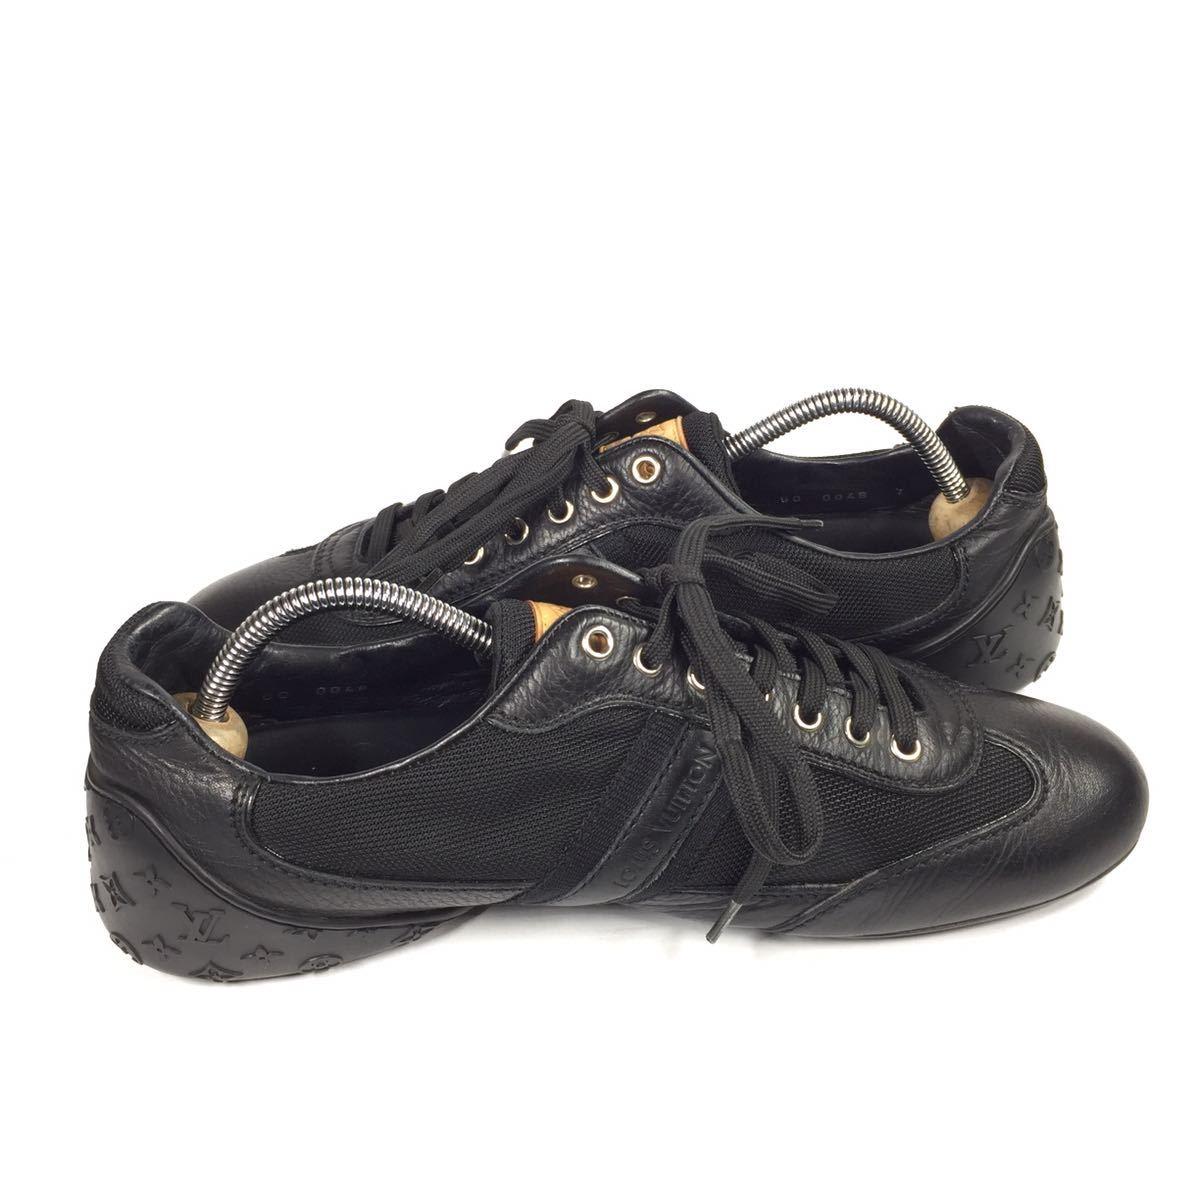 【ルイヴィトン】本物 LOUIS VUITTON 靴 26cm 黒 モノグラム スニーカー カジュアルシューズ 本革×化学繊維 レザー メンズ イタリア製 7_画像7